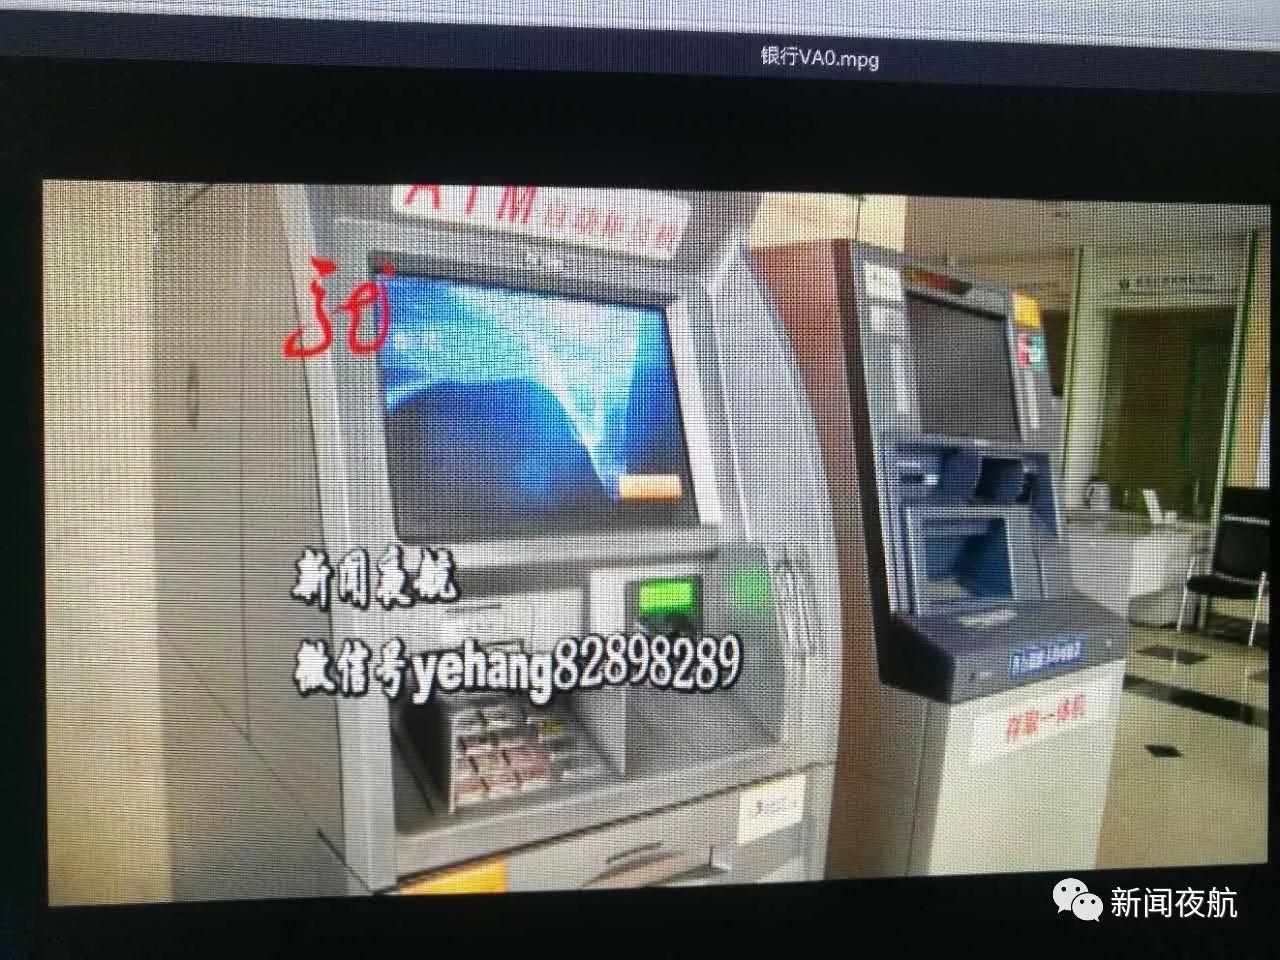 不输密码也能存钱?女子弄错卡把钱存进别人账户